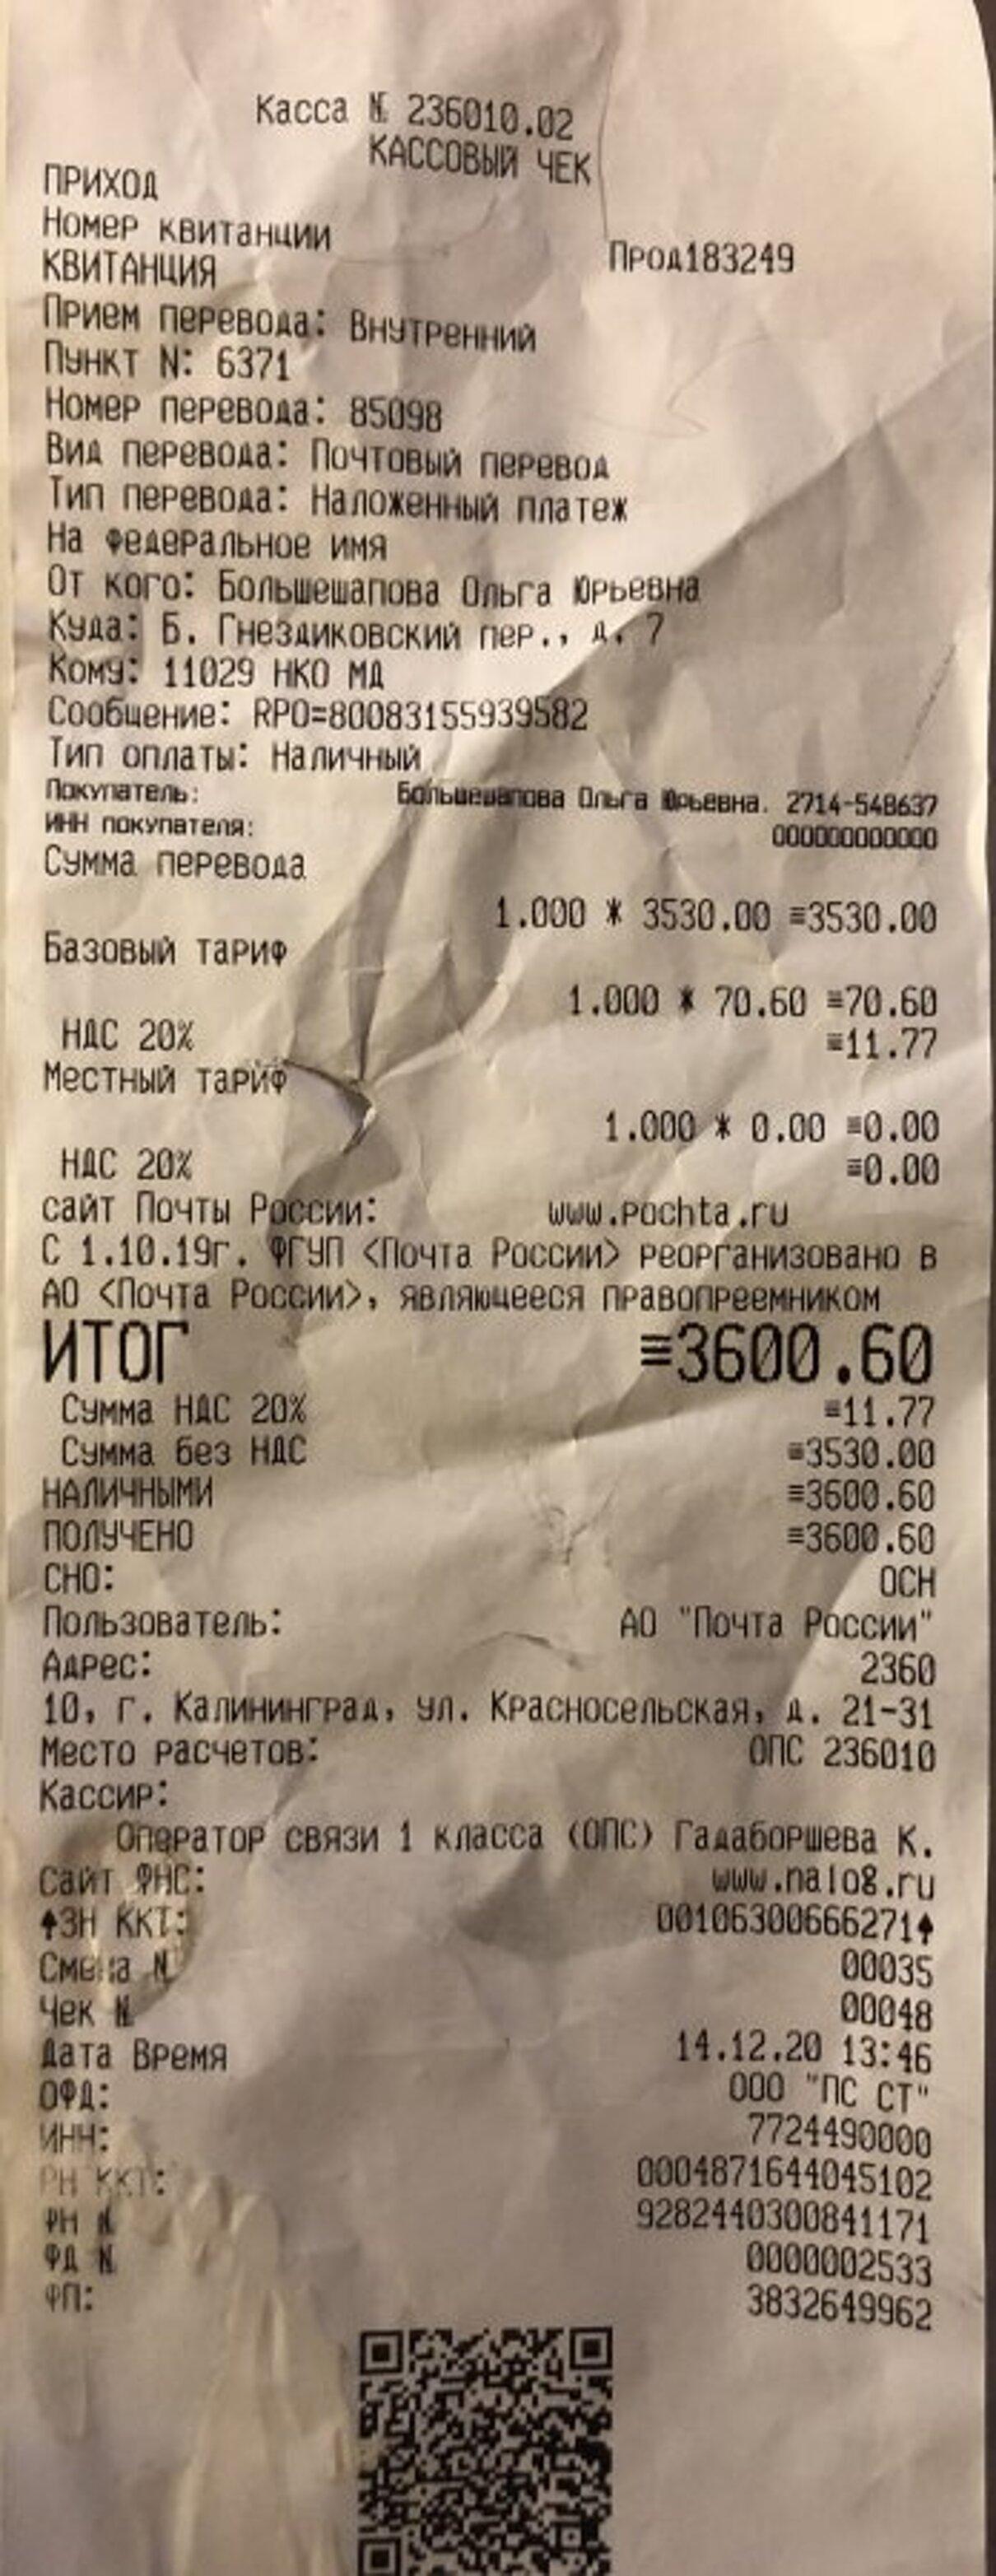 Жалоба-отзыв: ООО Манго - Возврат денег за посылку.  Фото №1